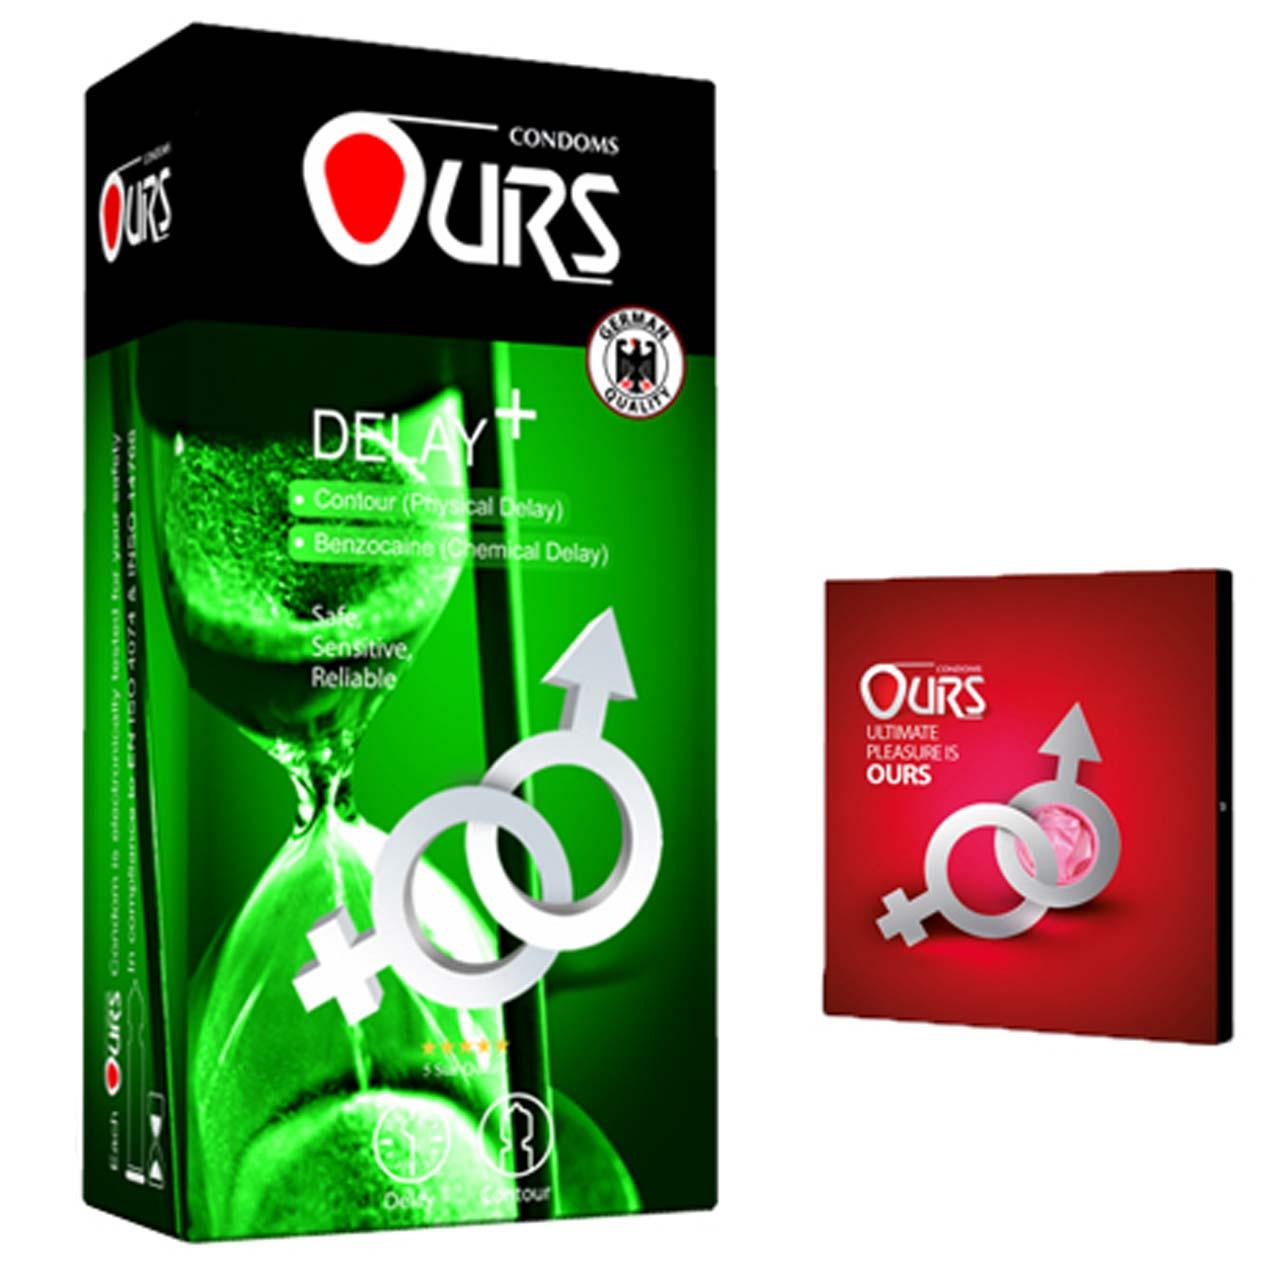 کاندوم اورز مدل DELAY PLUS بسته 12 عددی به همراه کاندوم مدل بلیسر